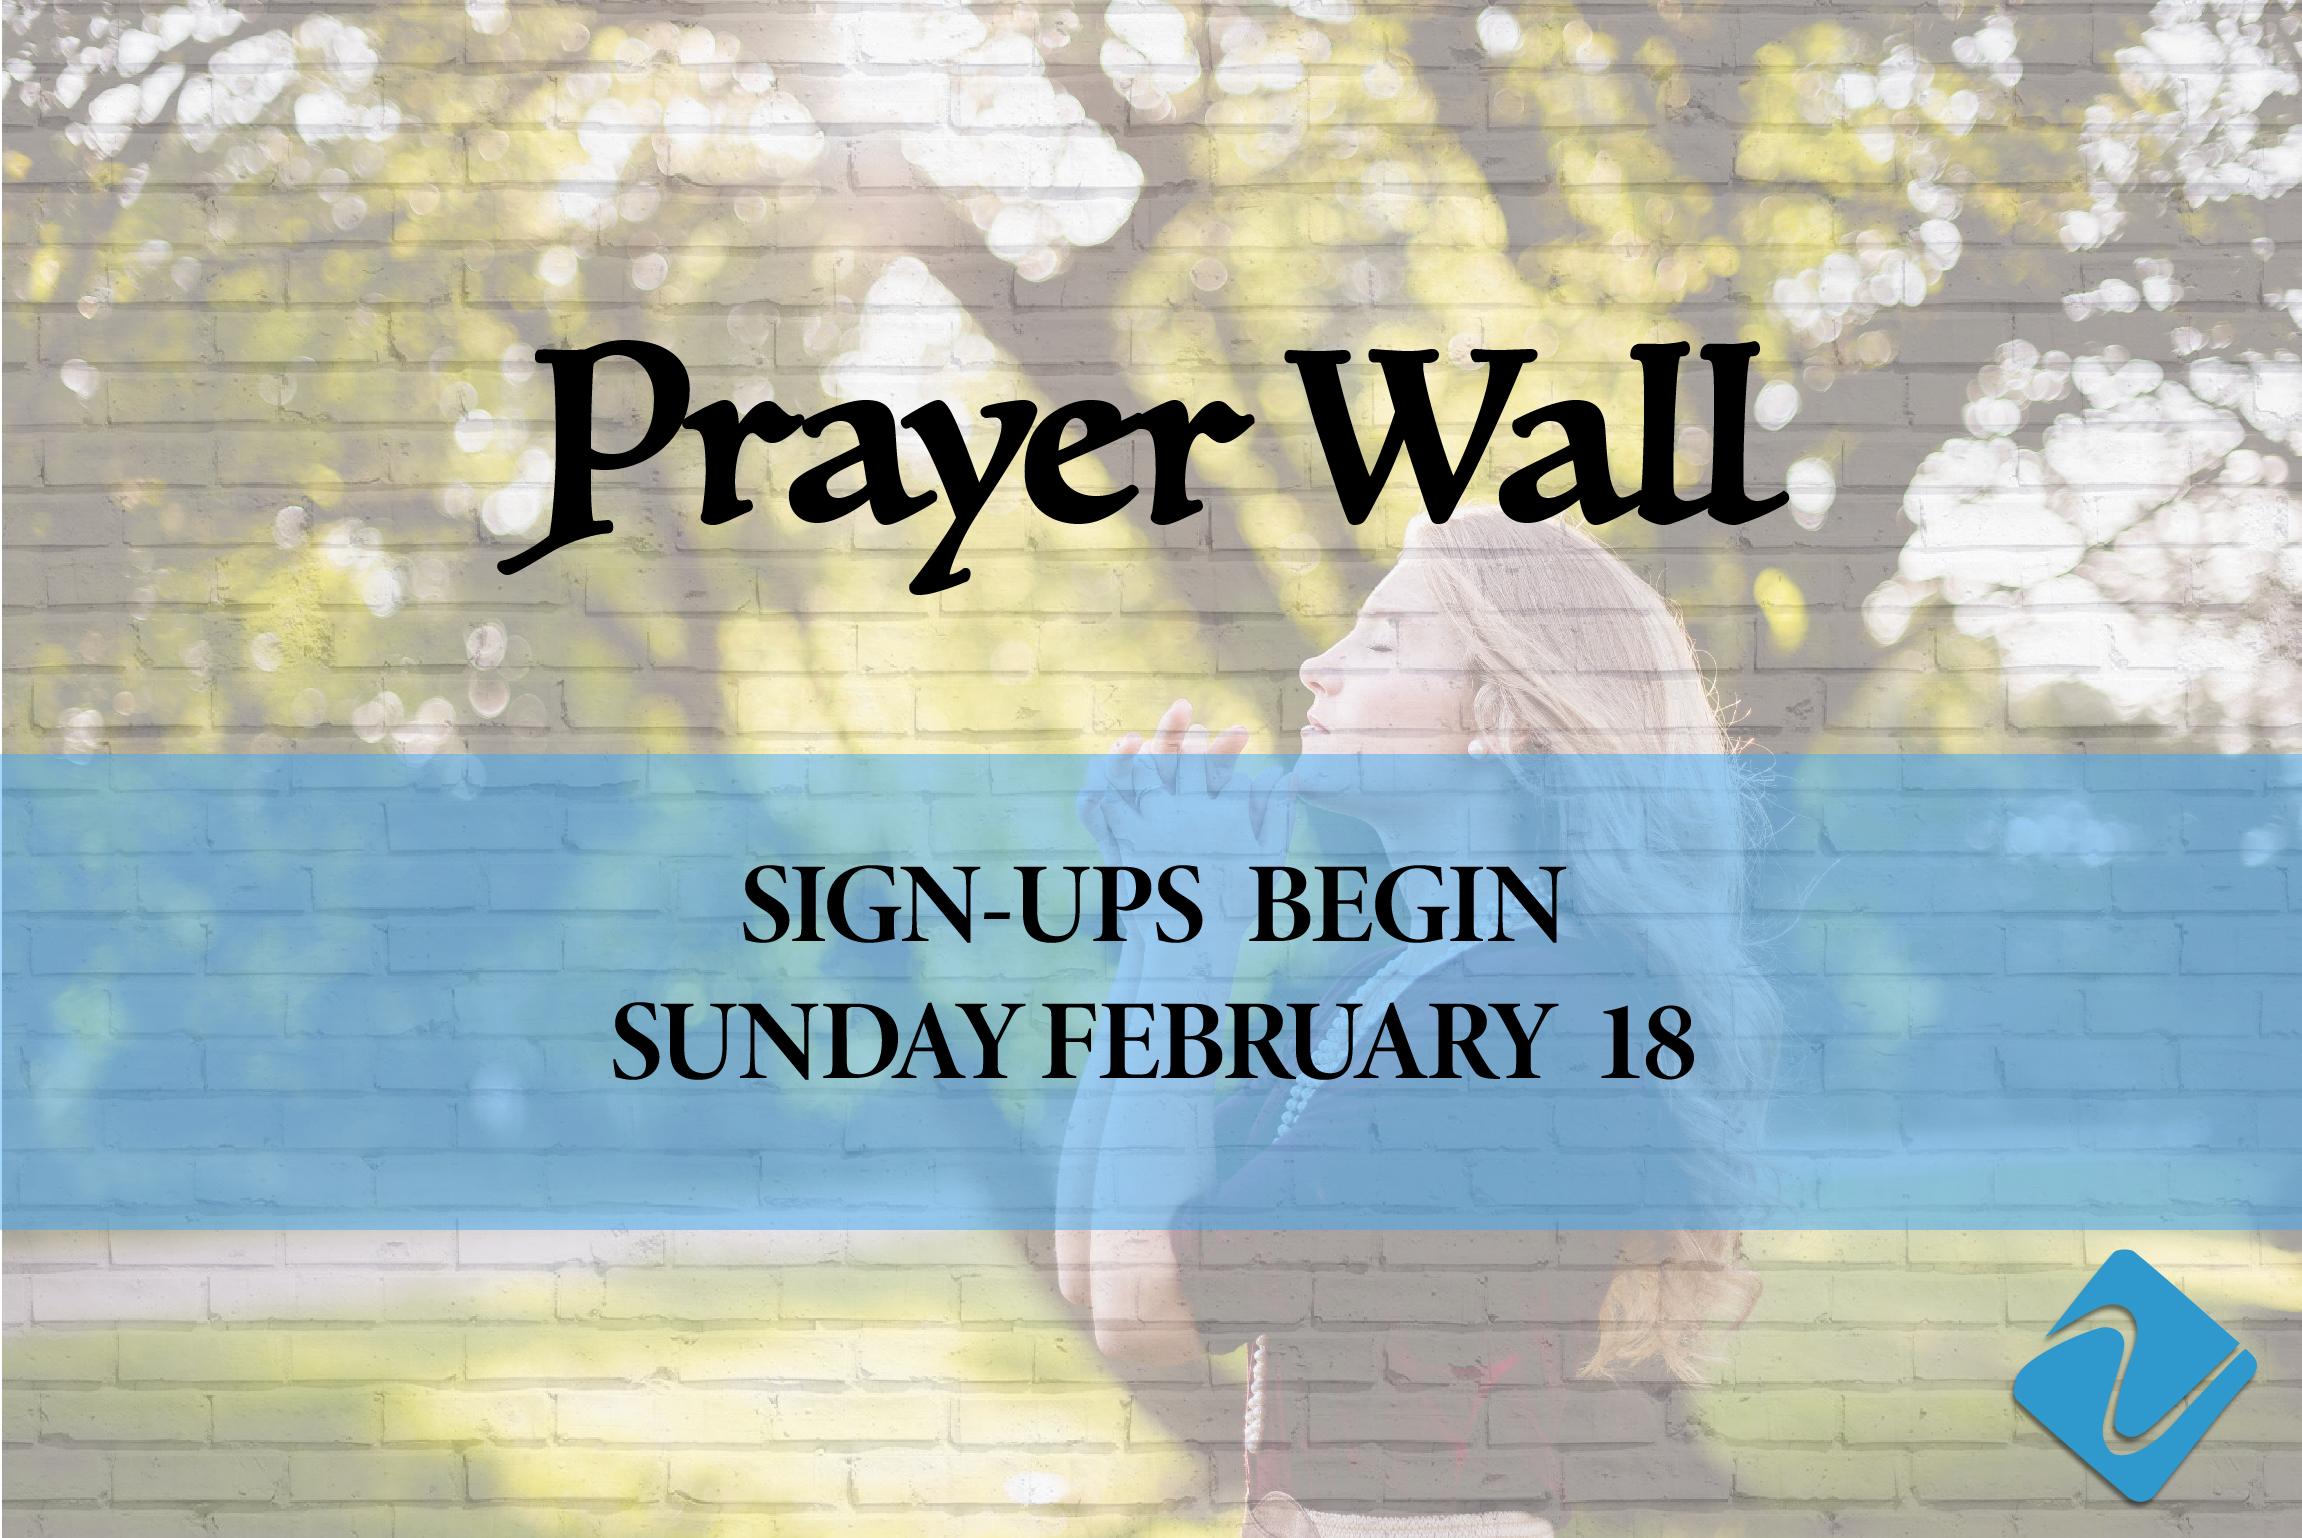 Prayer wall@2x-100.jpg